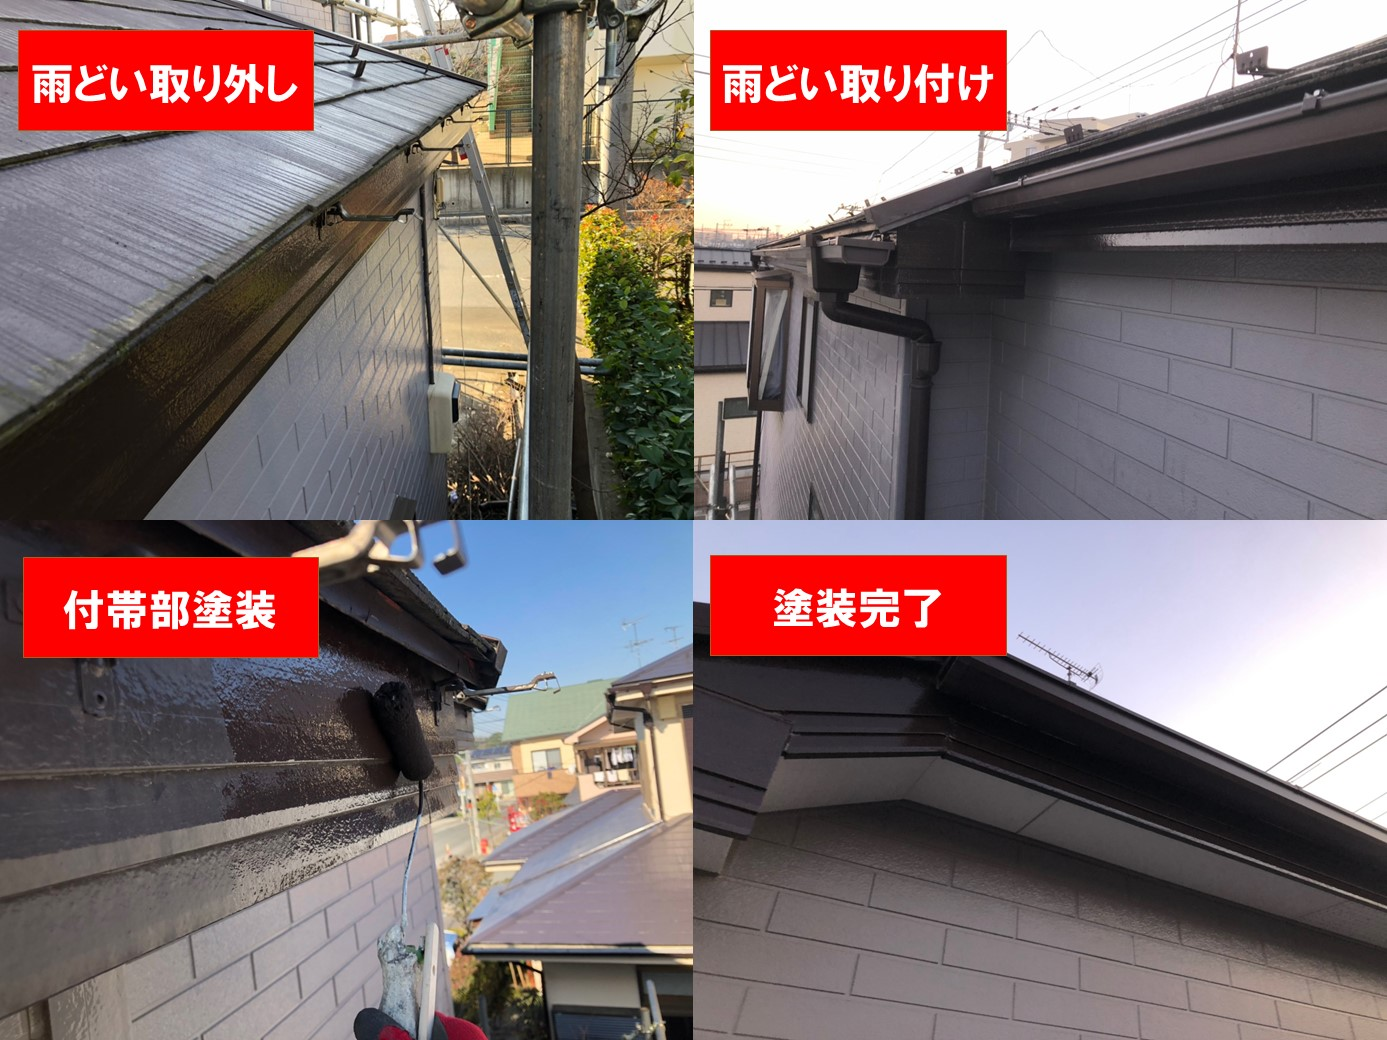 【施工完了報告!】東京都東村山市にてベランダ塗装&棟板金の交換を行いました!